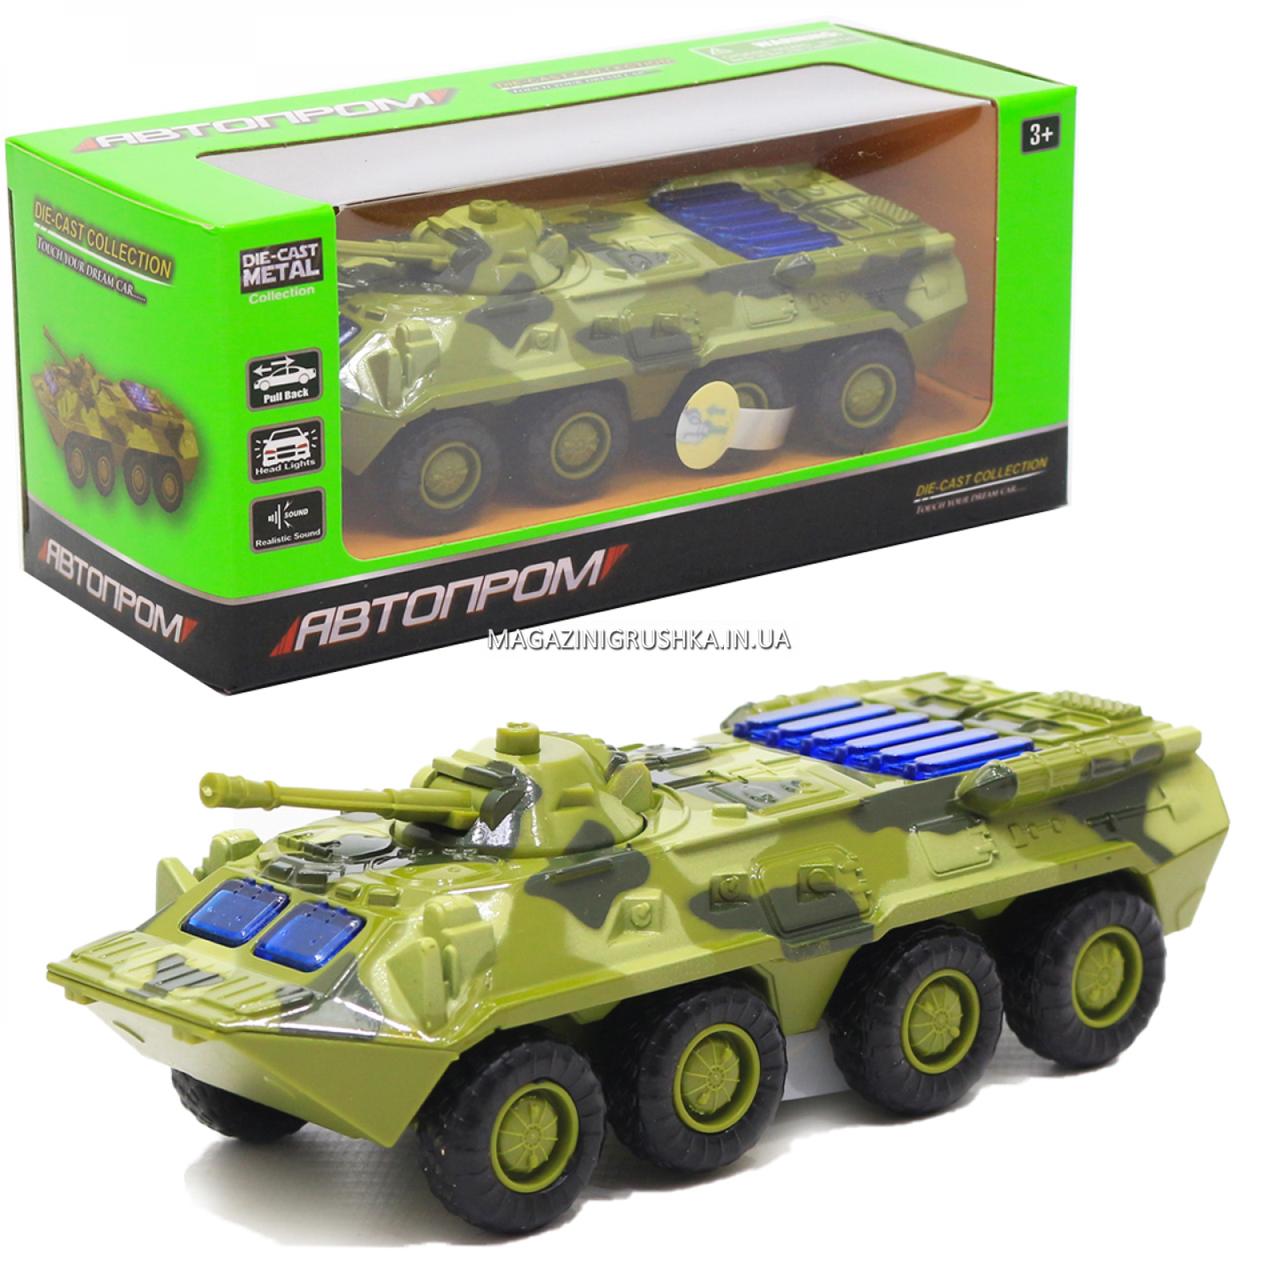 Іграшкова машинка металева «БРДМ», Автопром, зелений, від 3 років, 5*13*5 см, (6409)